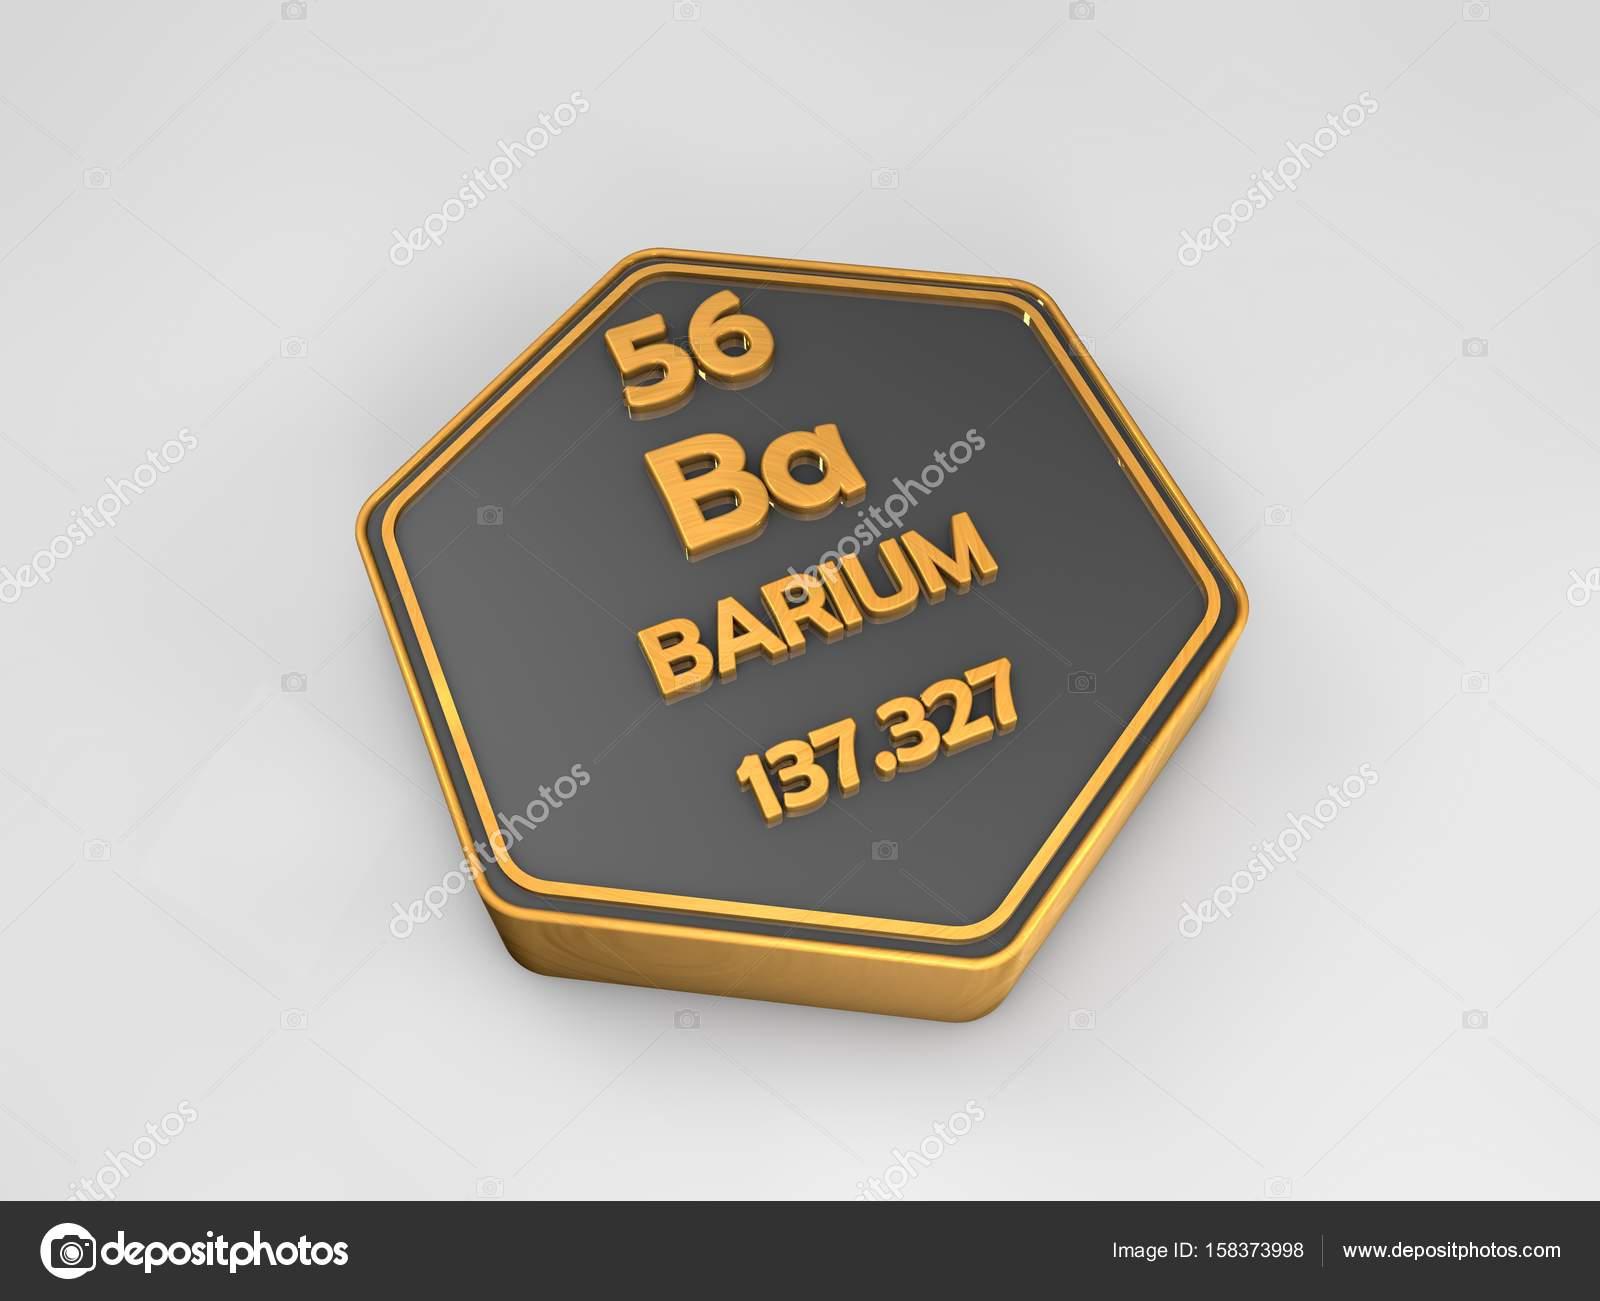 Bario ba elemento qumico tabla peridica forma hexagonal 3d bario ba elemento qumico tabla peridica forma hexagonal 3d render urtaz Image collections